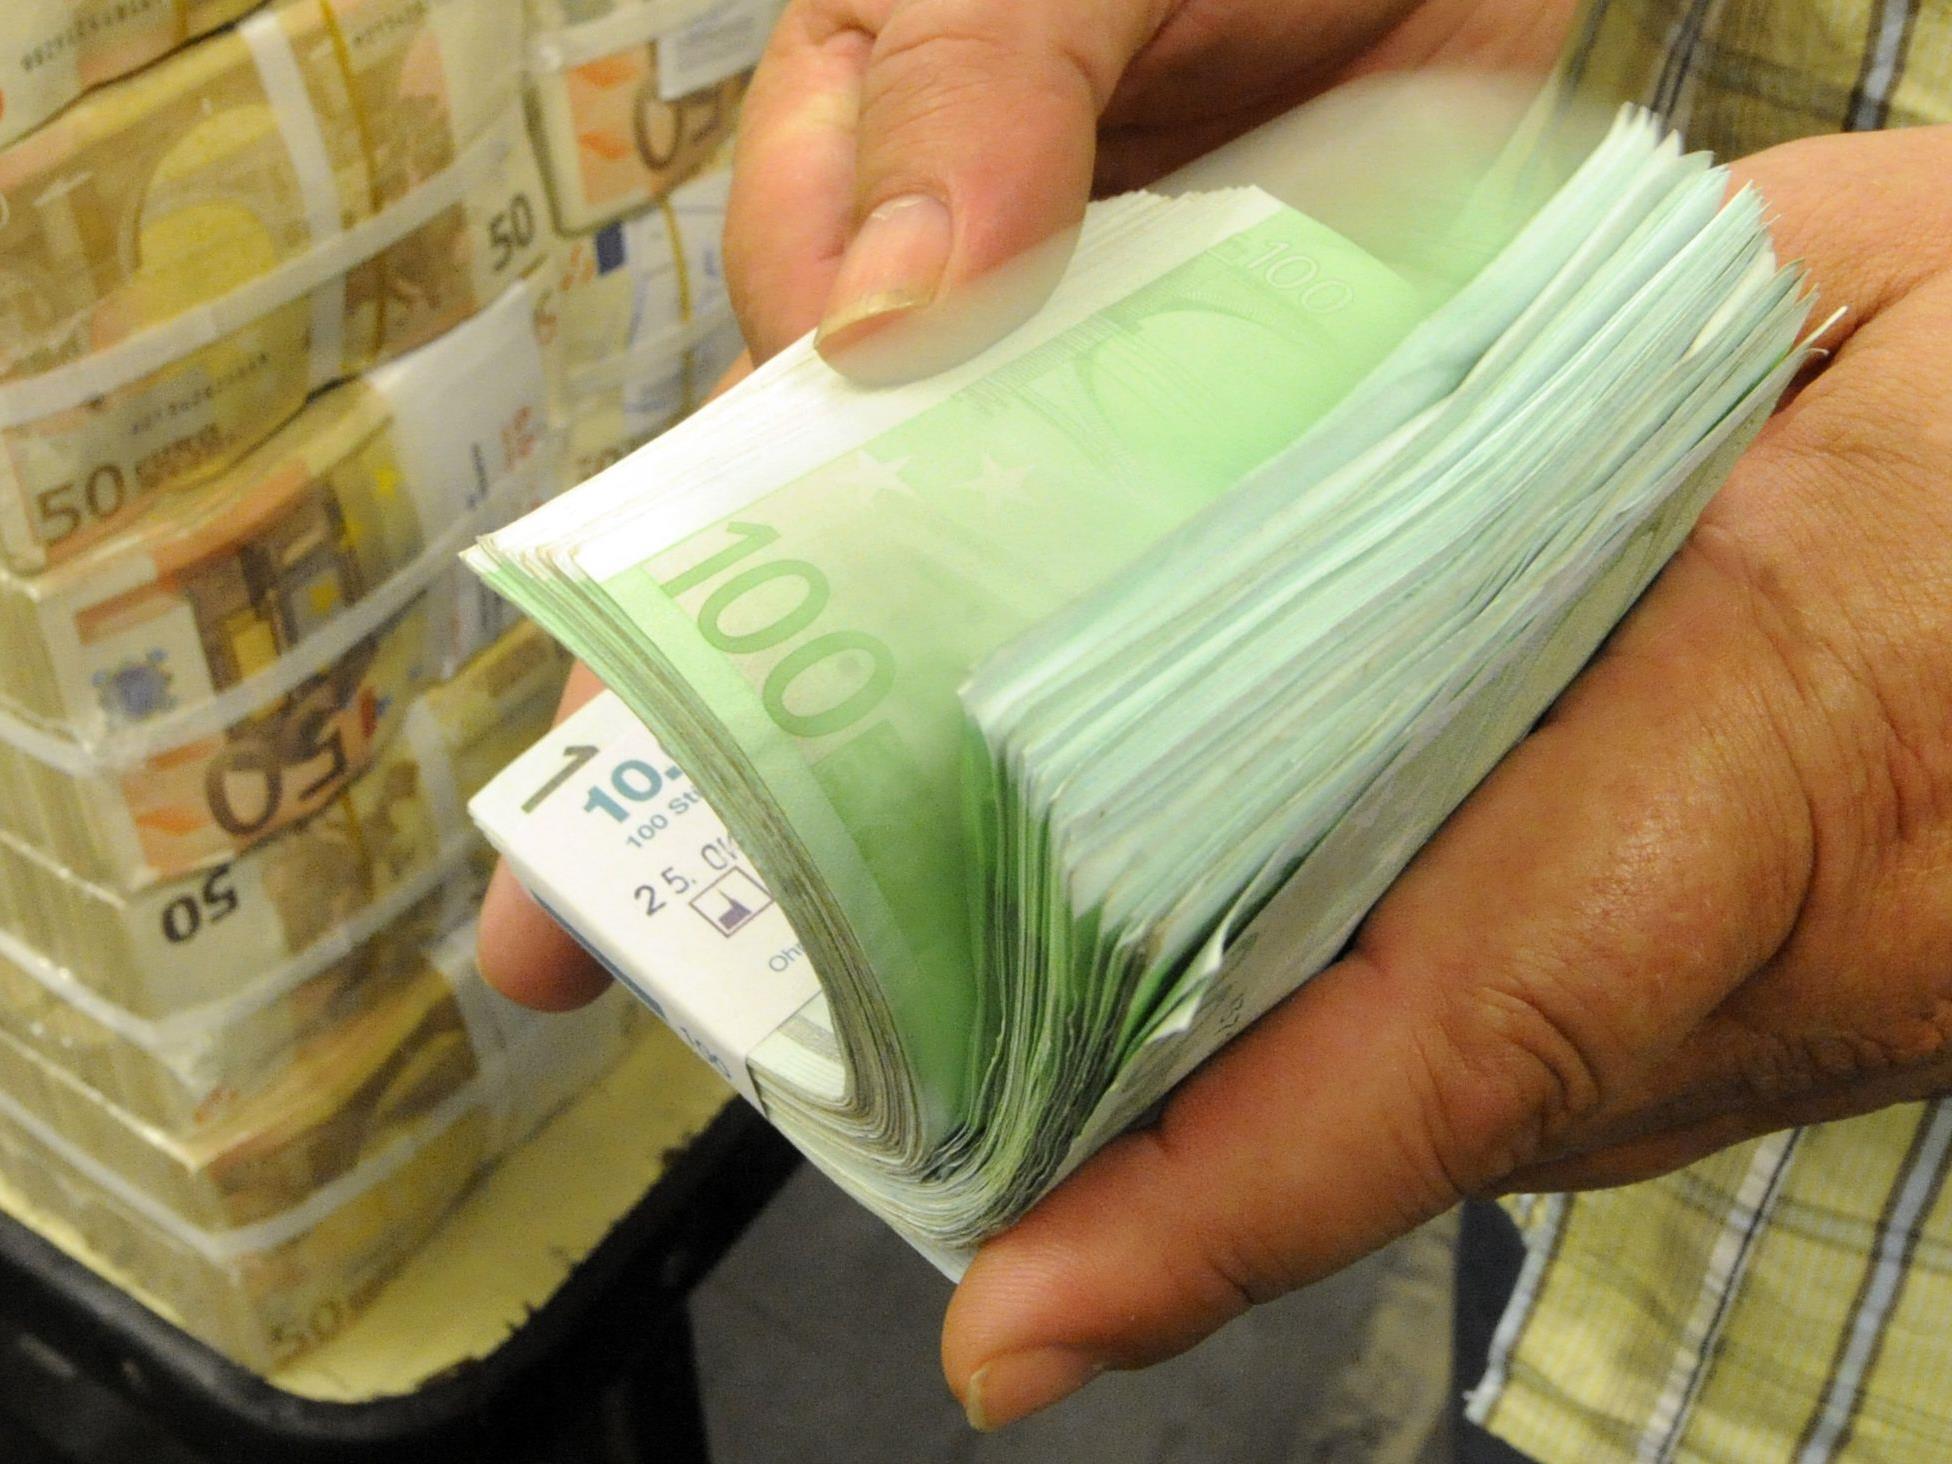 Umsatz-, Mineralöl- und Körperschaftsteuer legen zu - Ausgaben wachsen schwächer als Einnahmen.